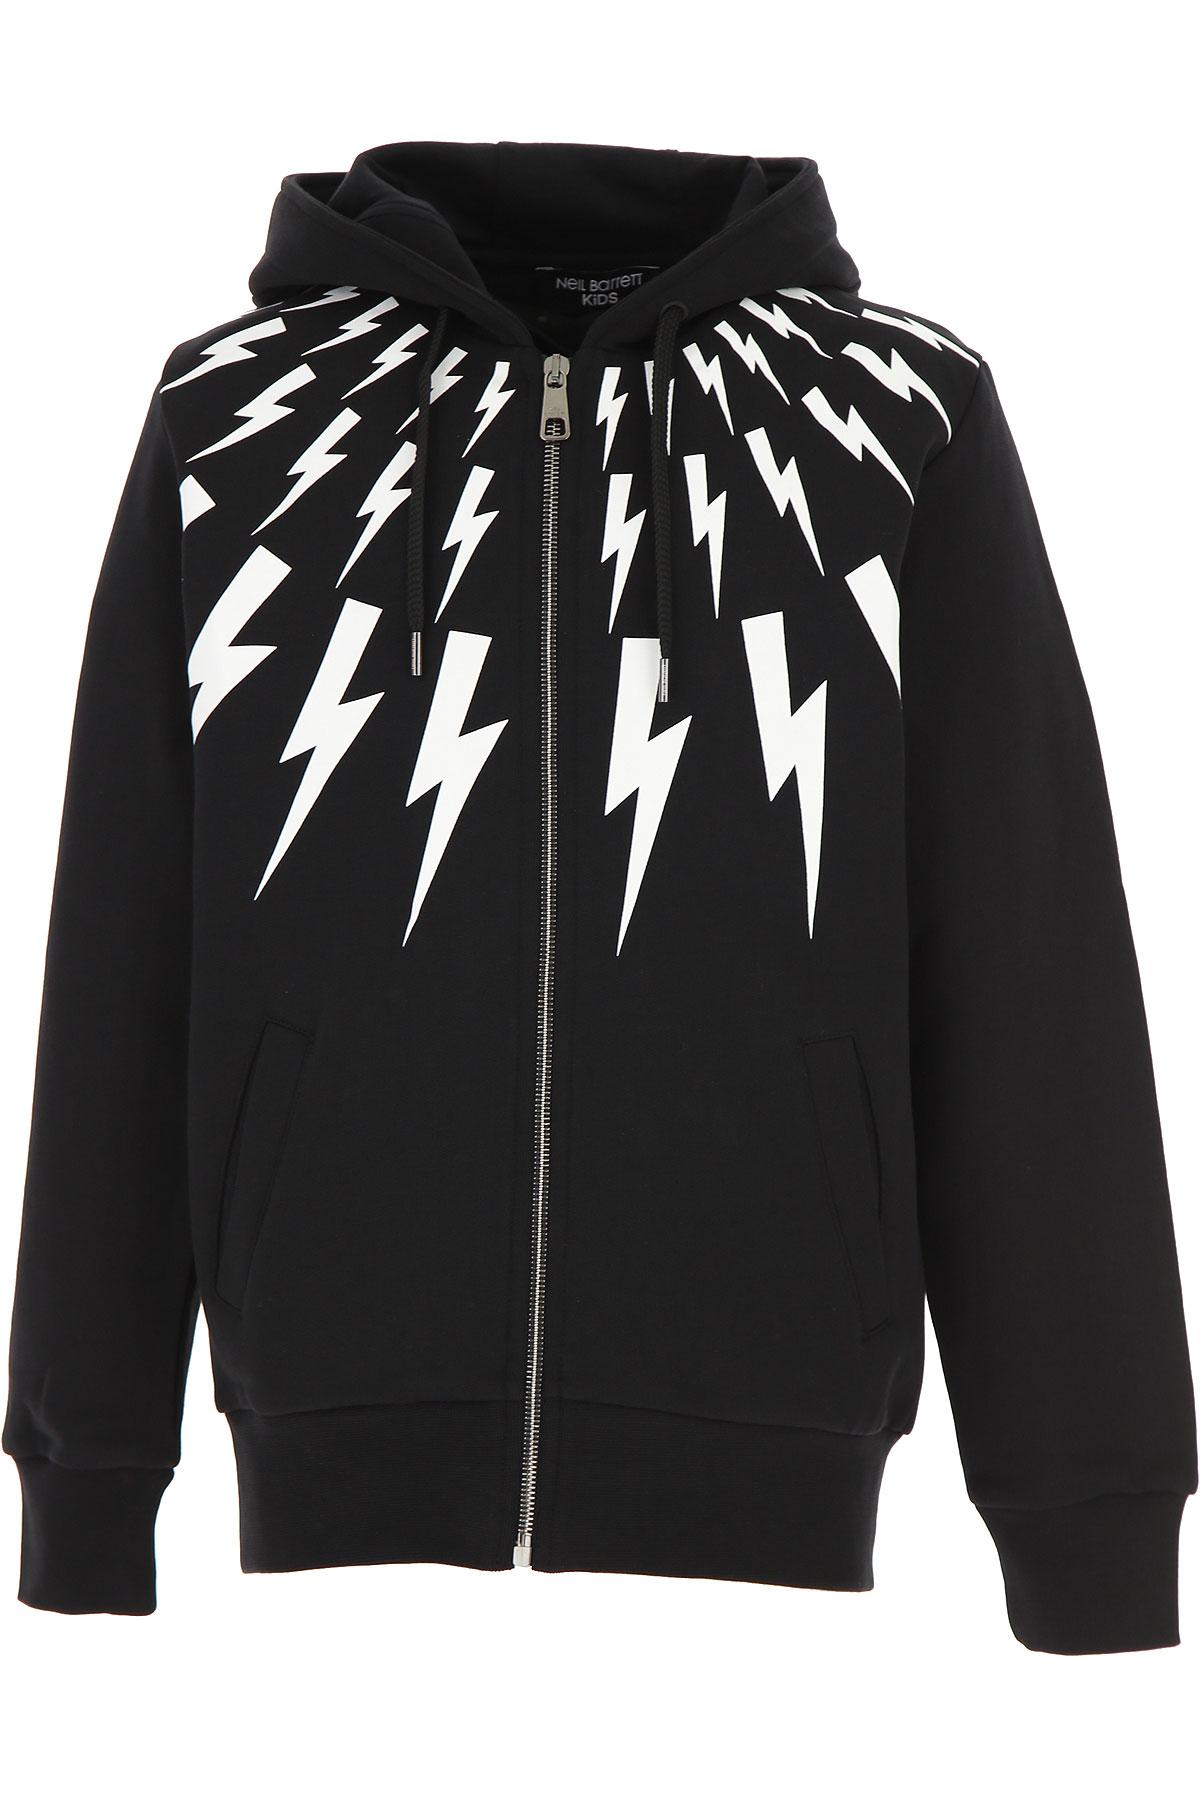 Neil Barrett Kids Sweatshirts & Hoodies for Boys On Sale, Black, Cotton, 2019, 10Y 12Y 8Y